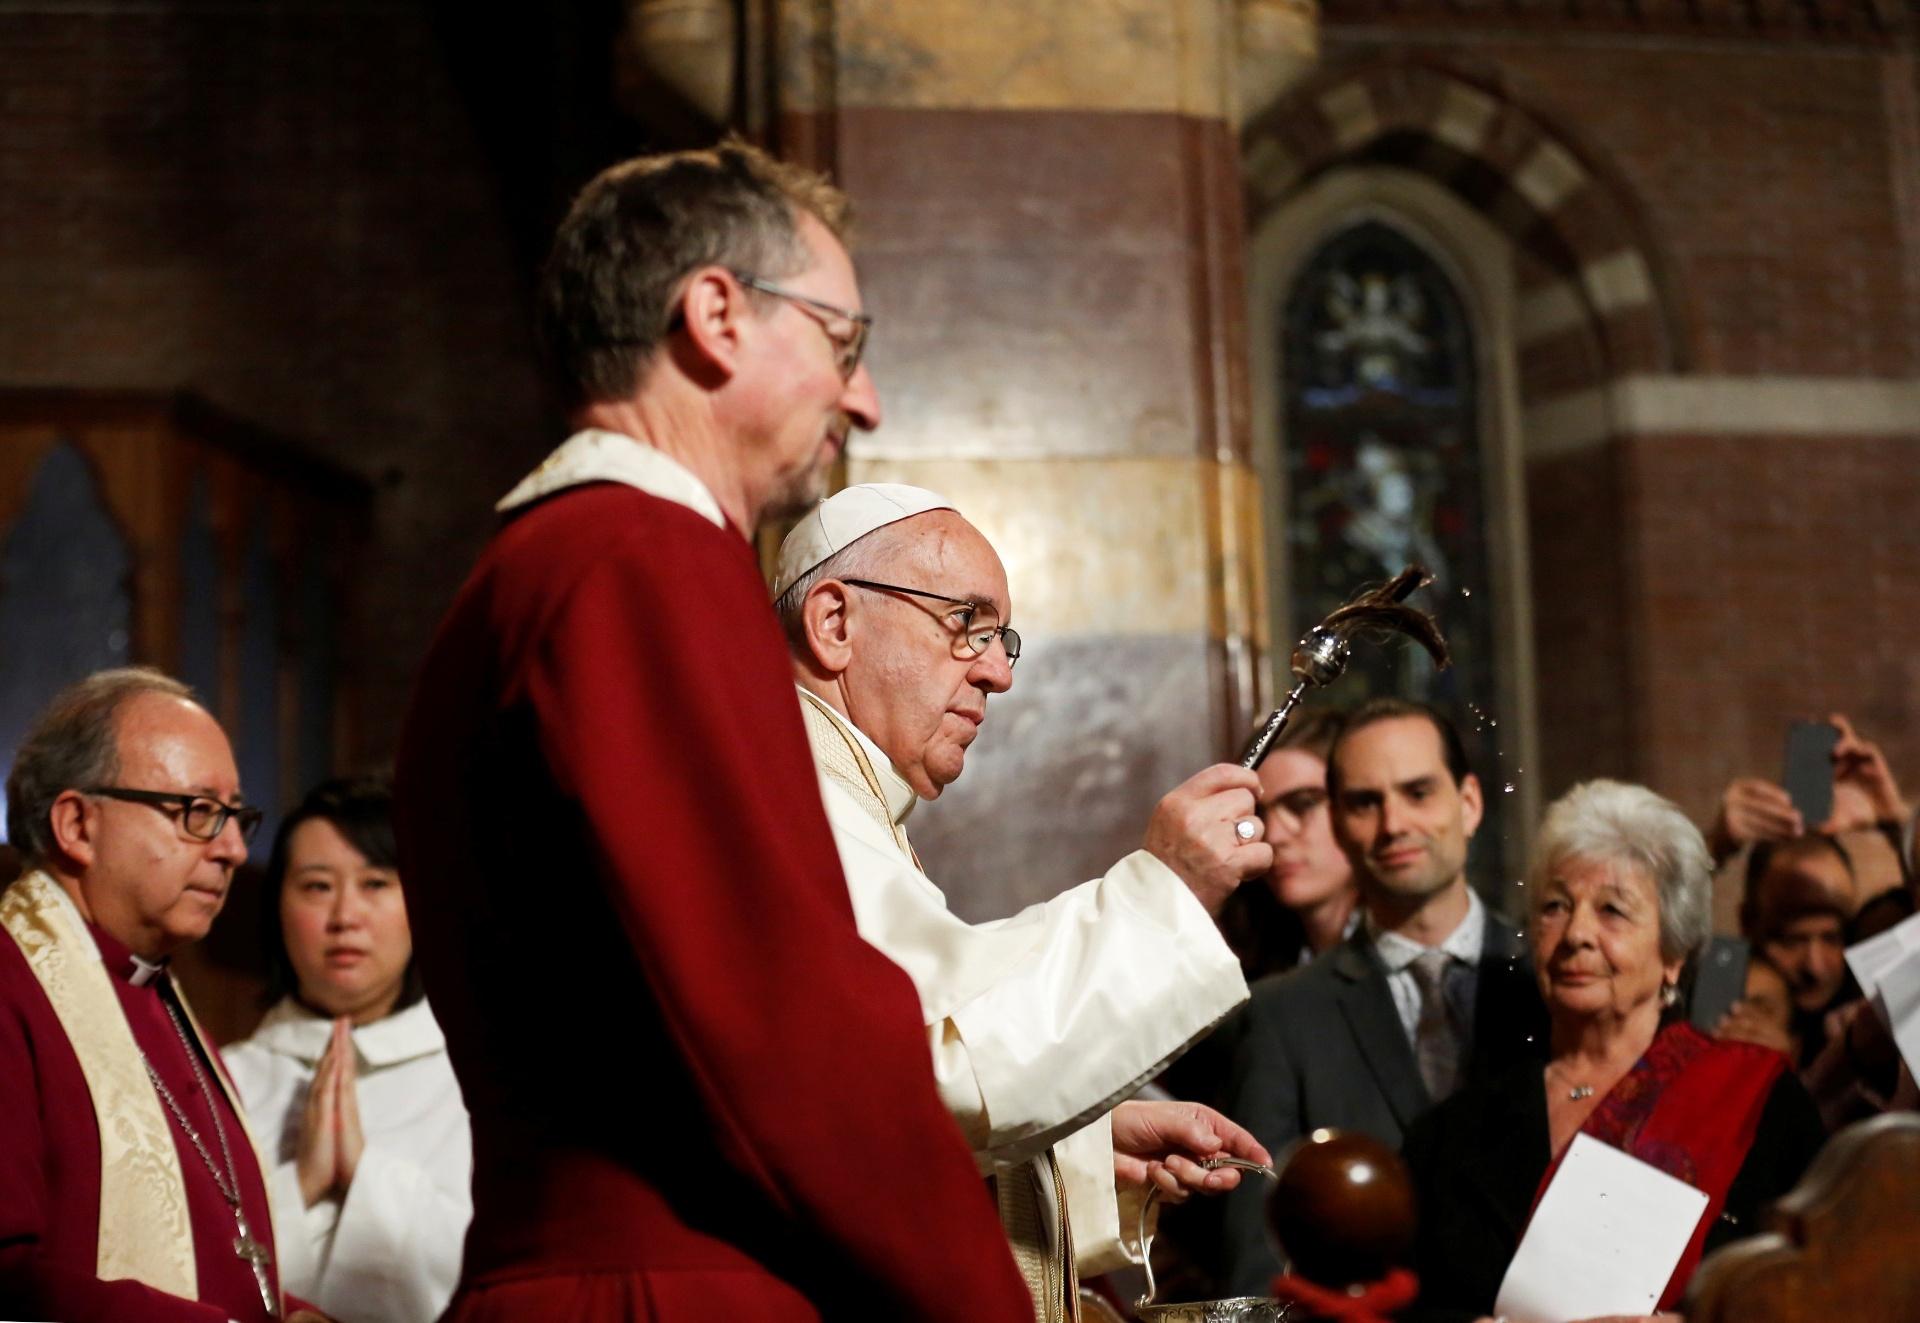 26.fev.2017 - O papa Francisco abençoa fiéis durante visita à Igreja Anglicana em Roma